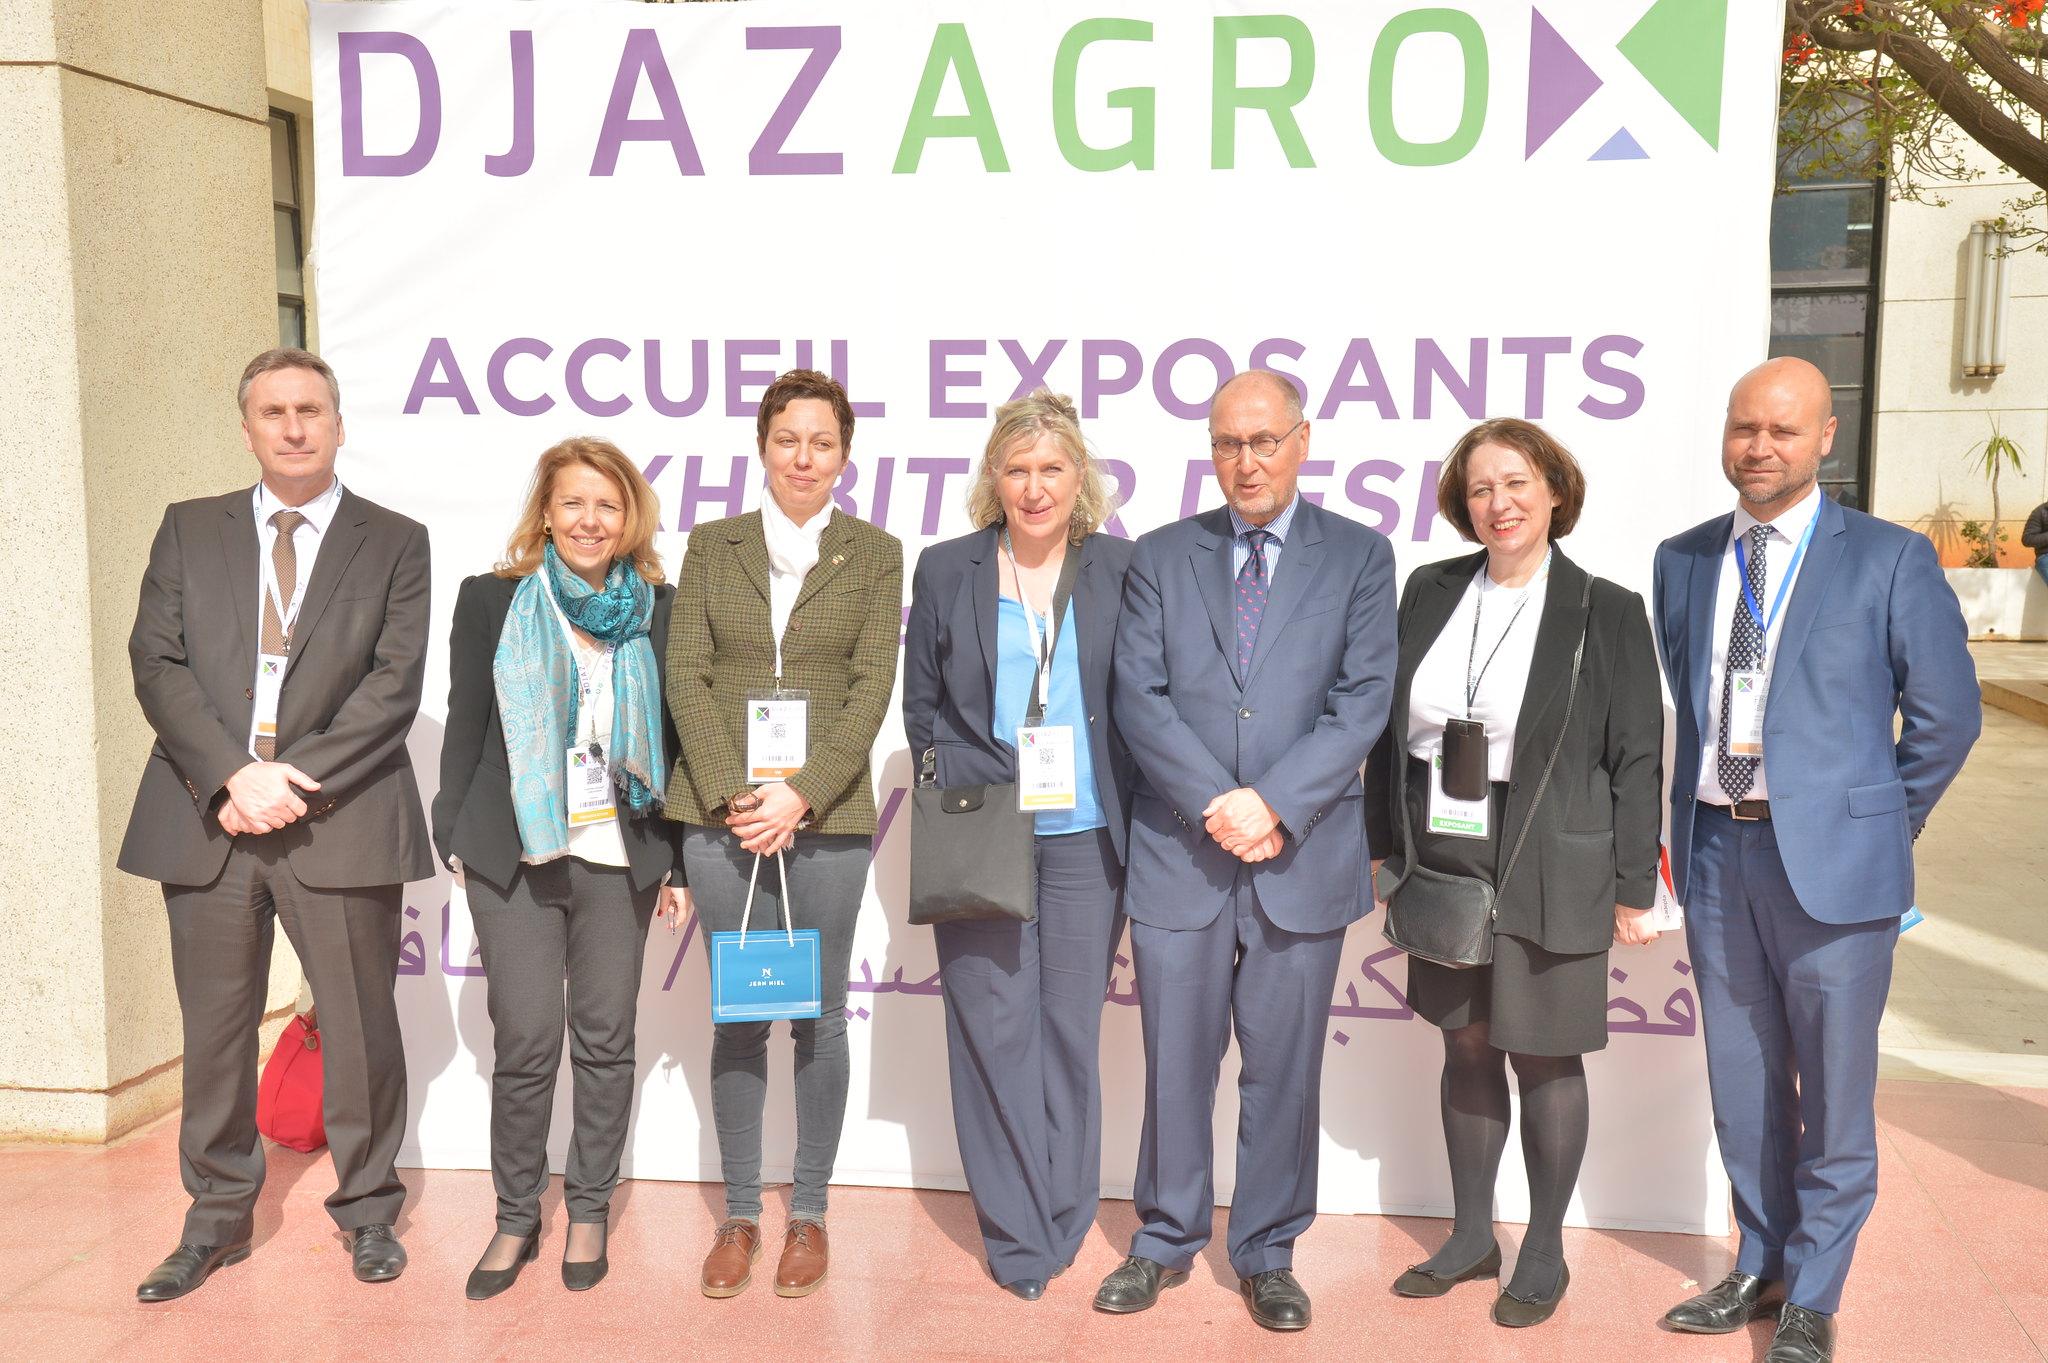 DJAZAGRO 2018 - Visite de l'ambassadeur de france